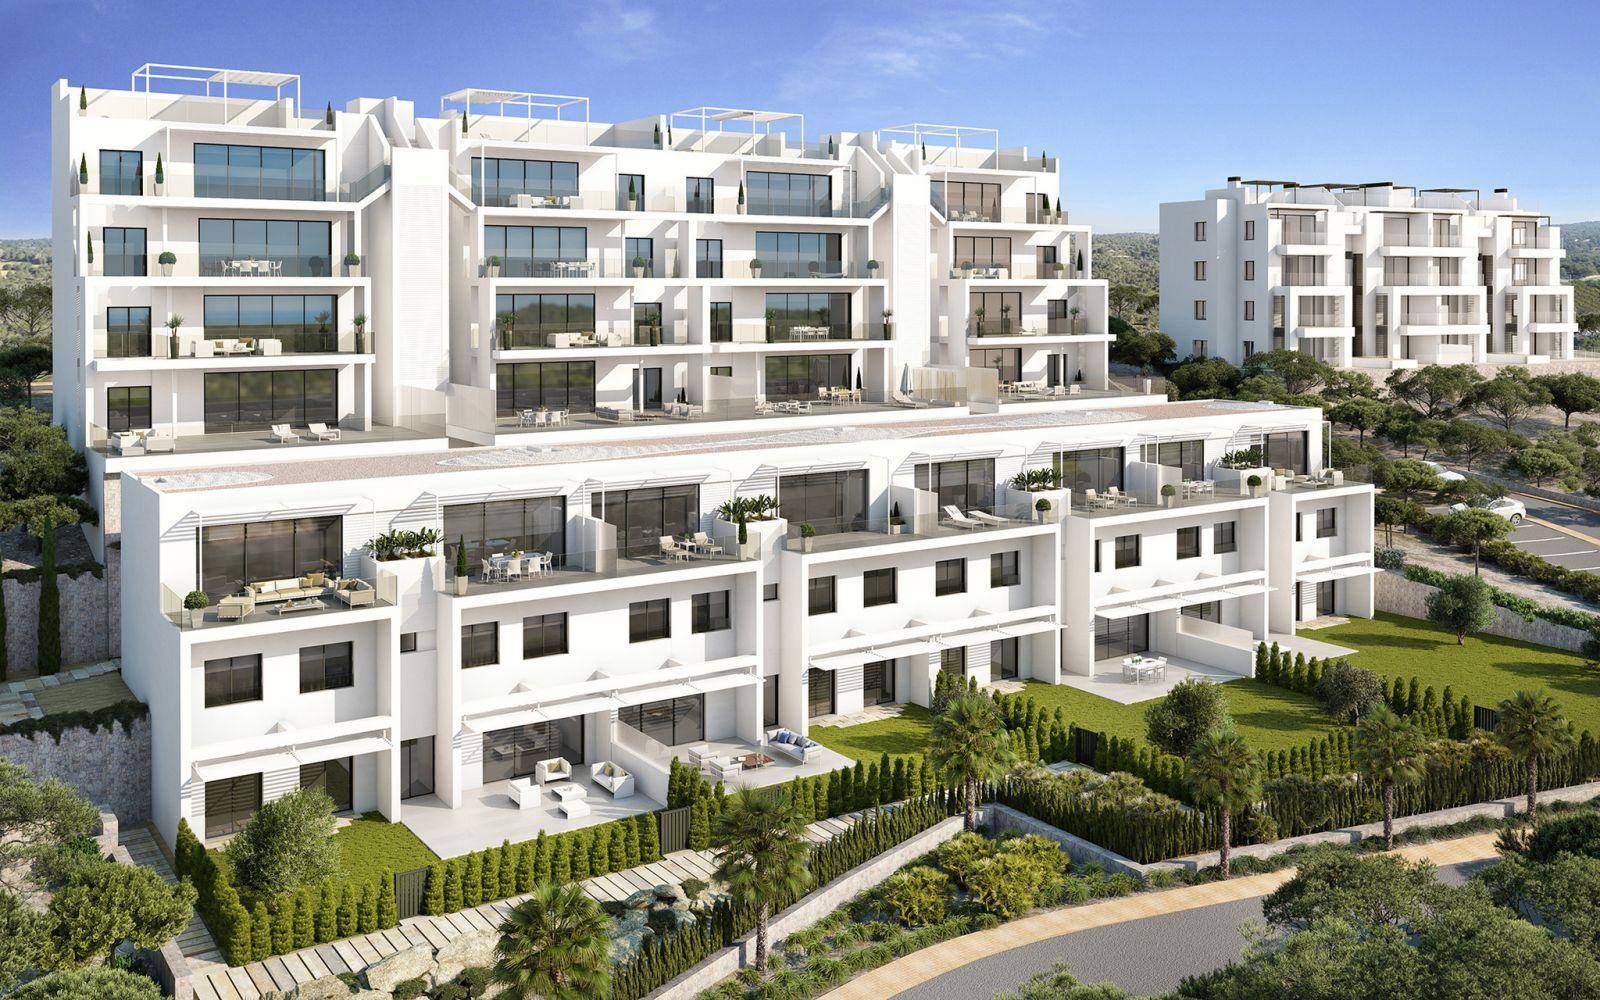 Appartements à vendre Las Colinas - Your Move Spain